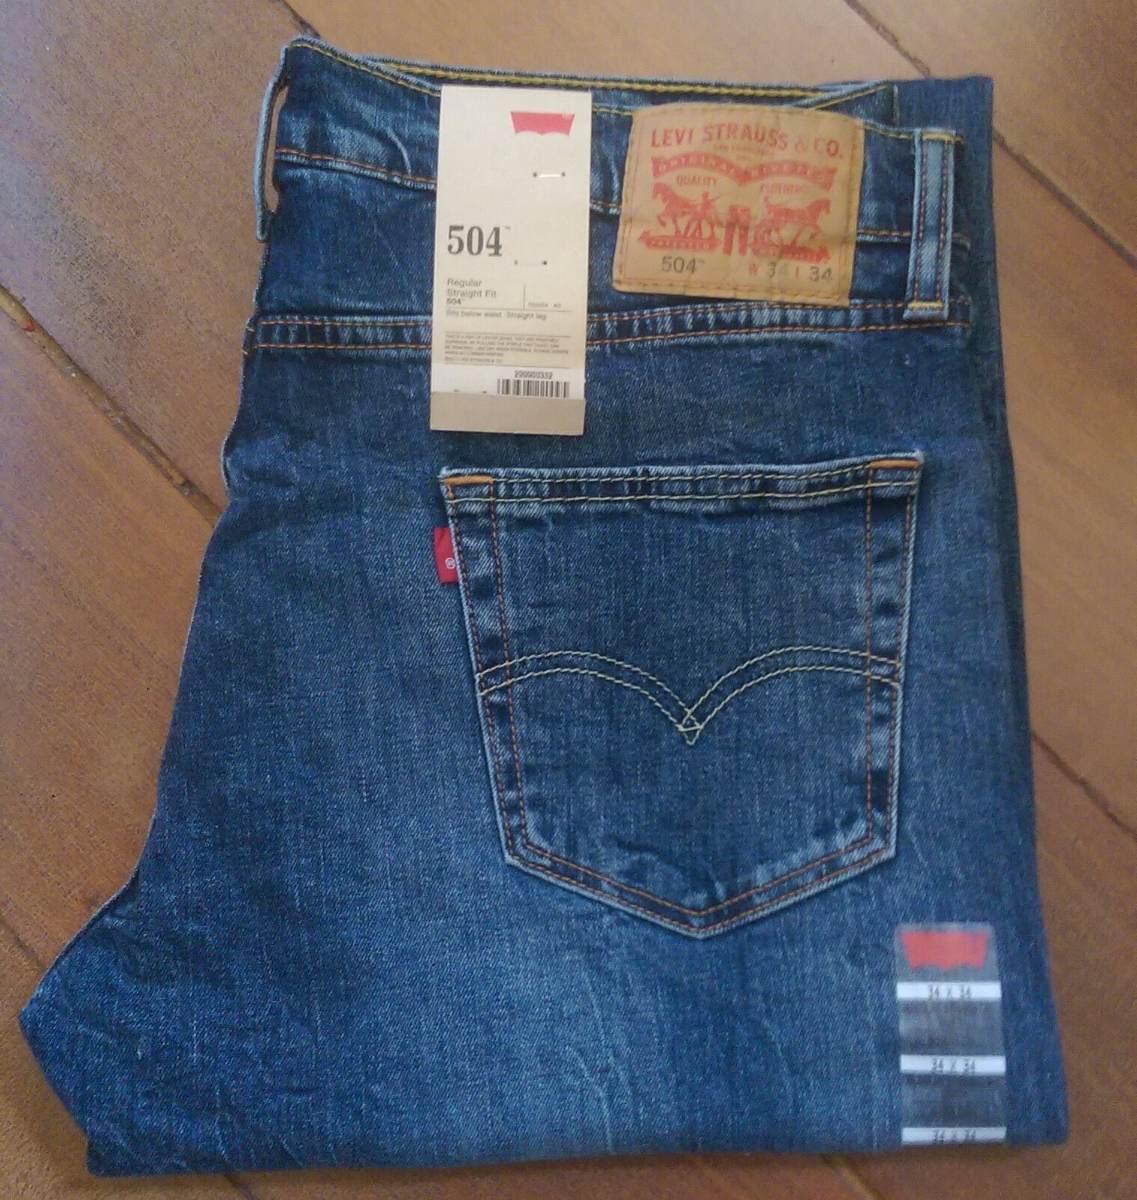 fb12b16ffedf2 ... calça jeans azul tradicional lavado levis 501. Carregando zoom.